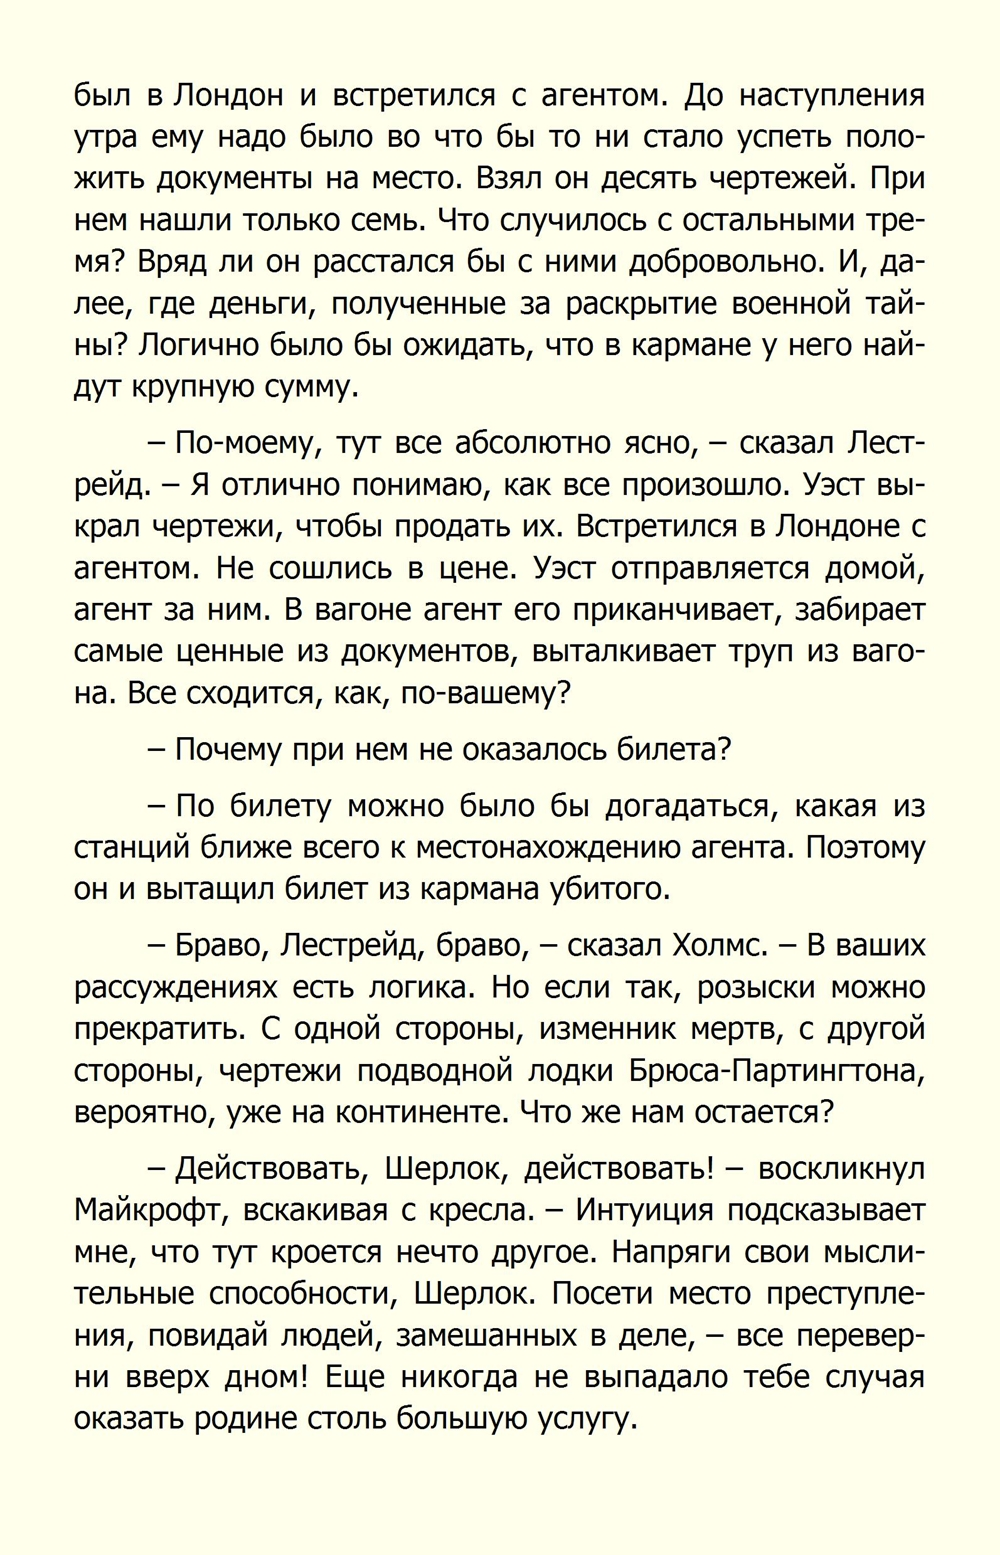 http://ipic.su/img/img7/fs/ArturKonanDojl.1579349040.jpg